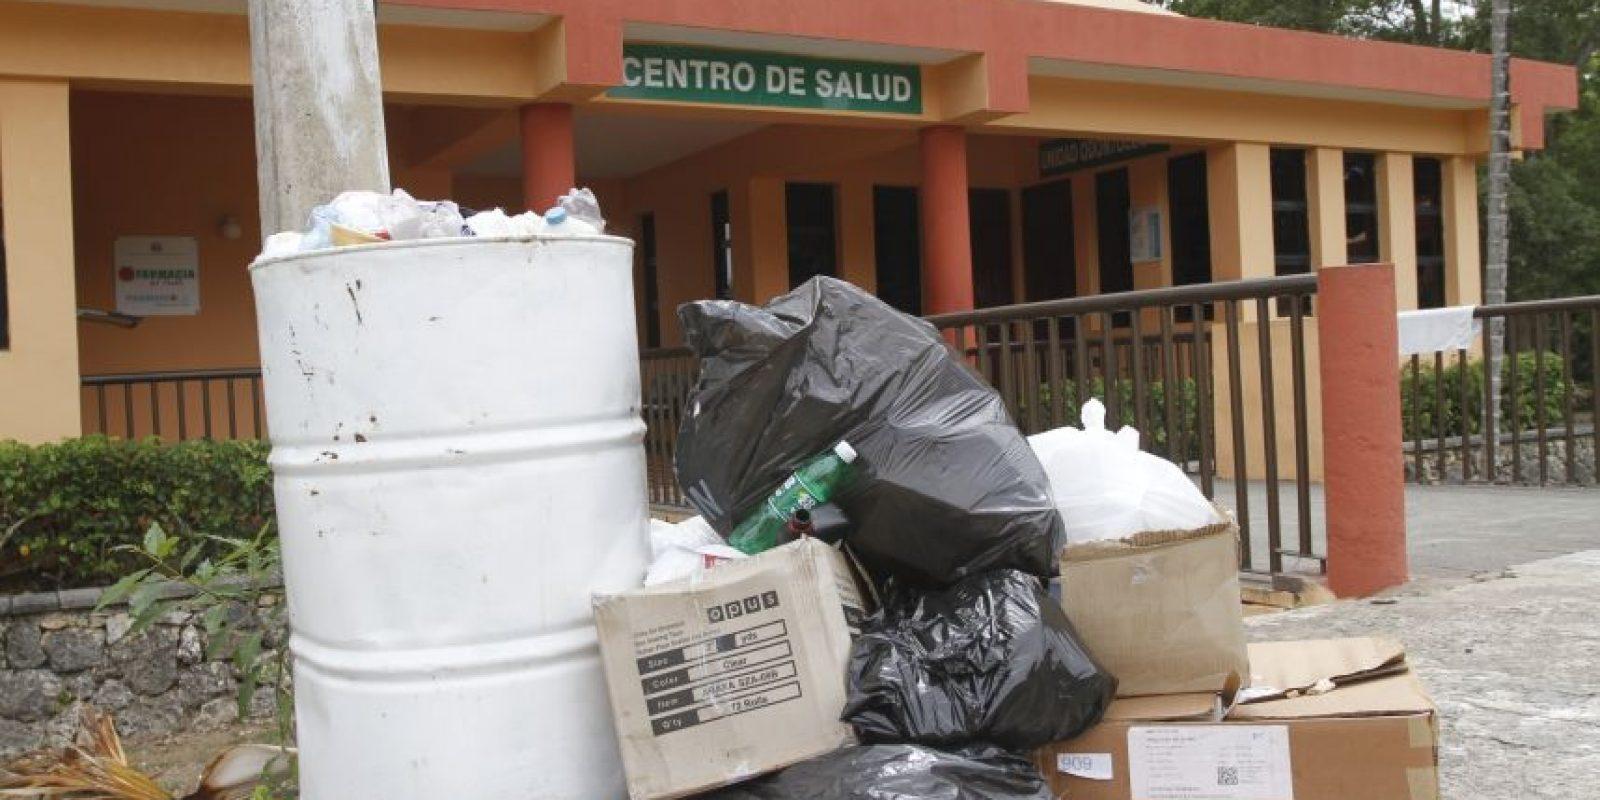 El cómulo de basura forma parte del recibimiento en la explanada de las áreas de oficina. Foto:Robero Guzmán